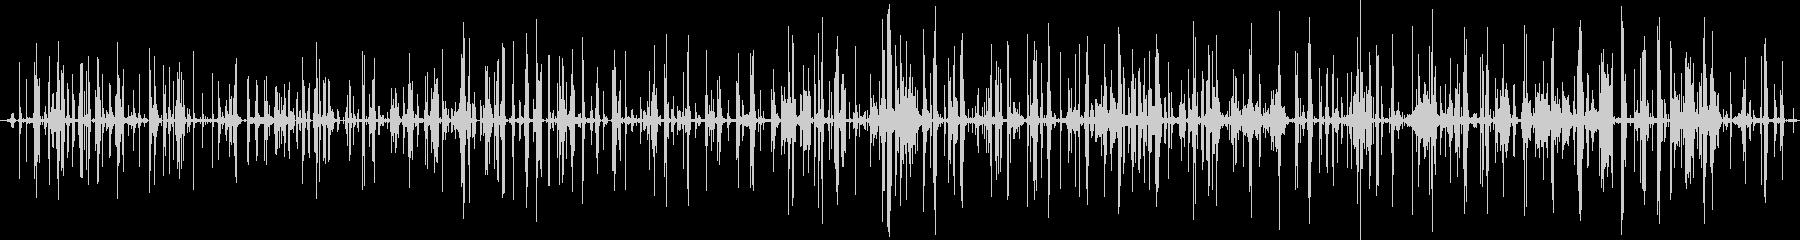 口 スマックリップス02の未再生の波形